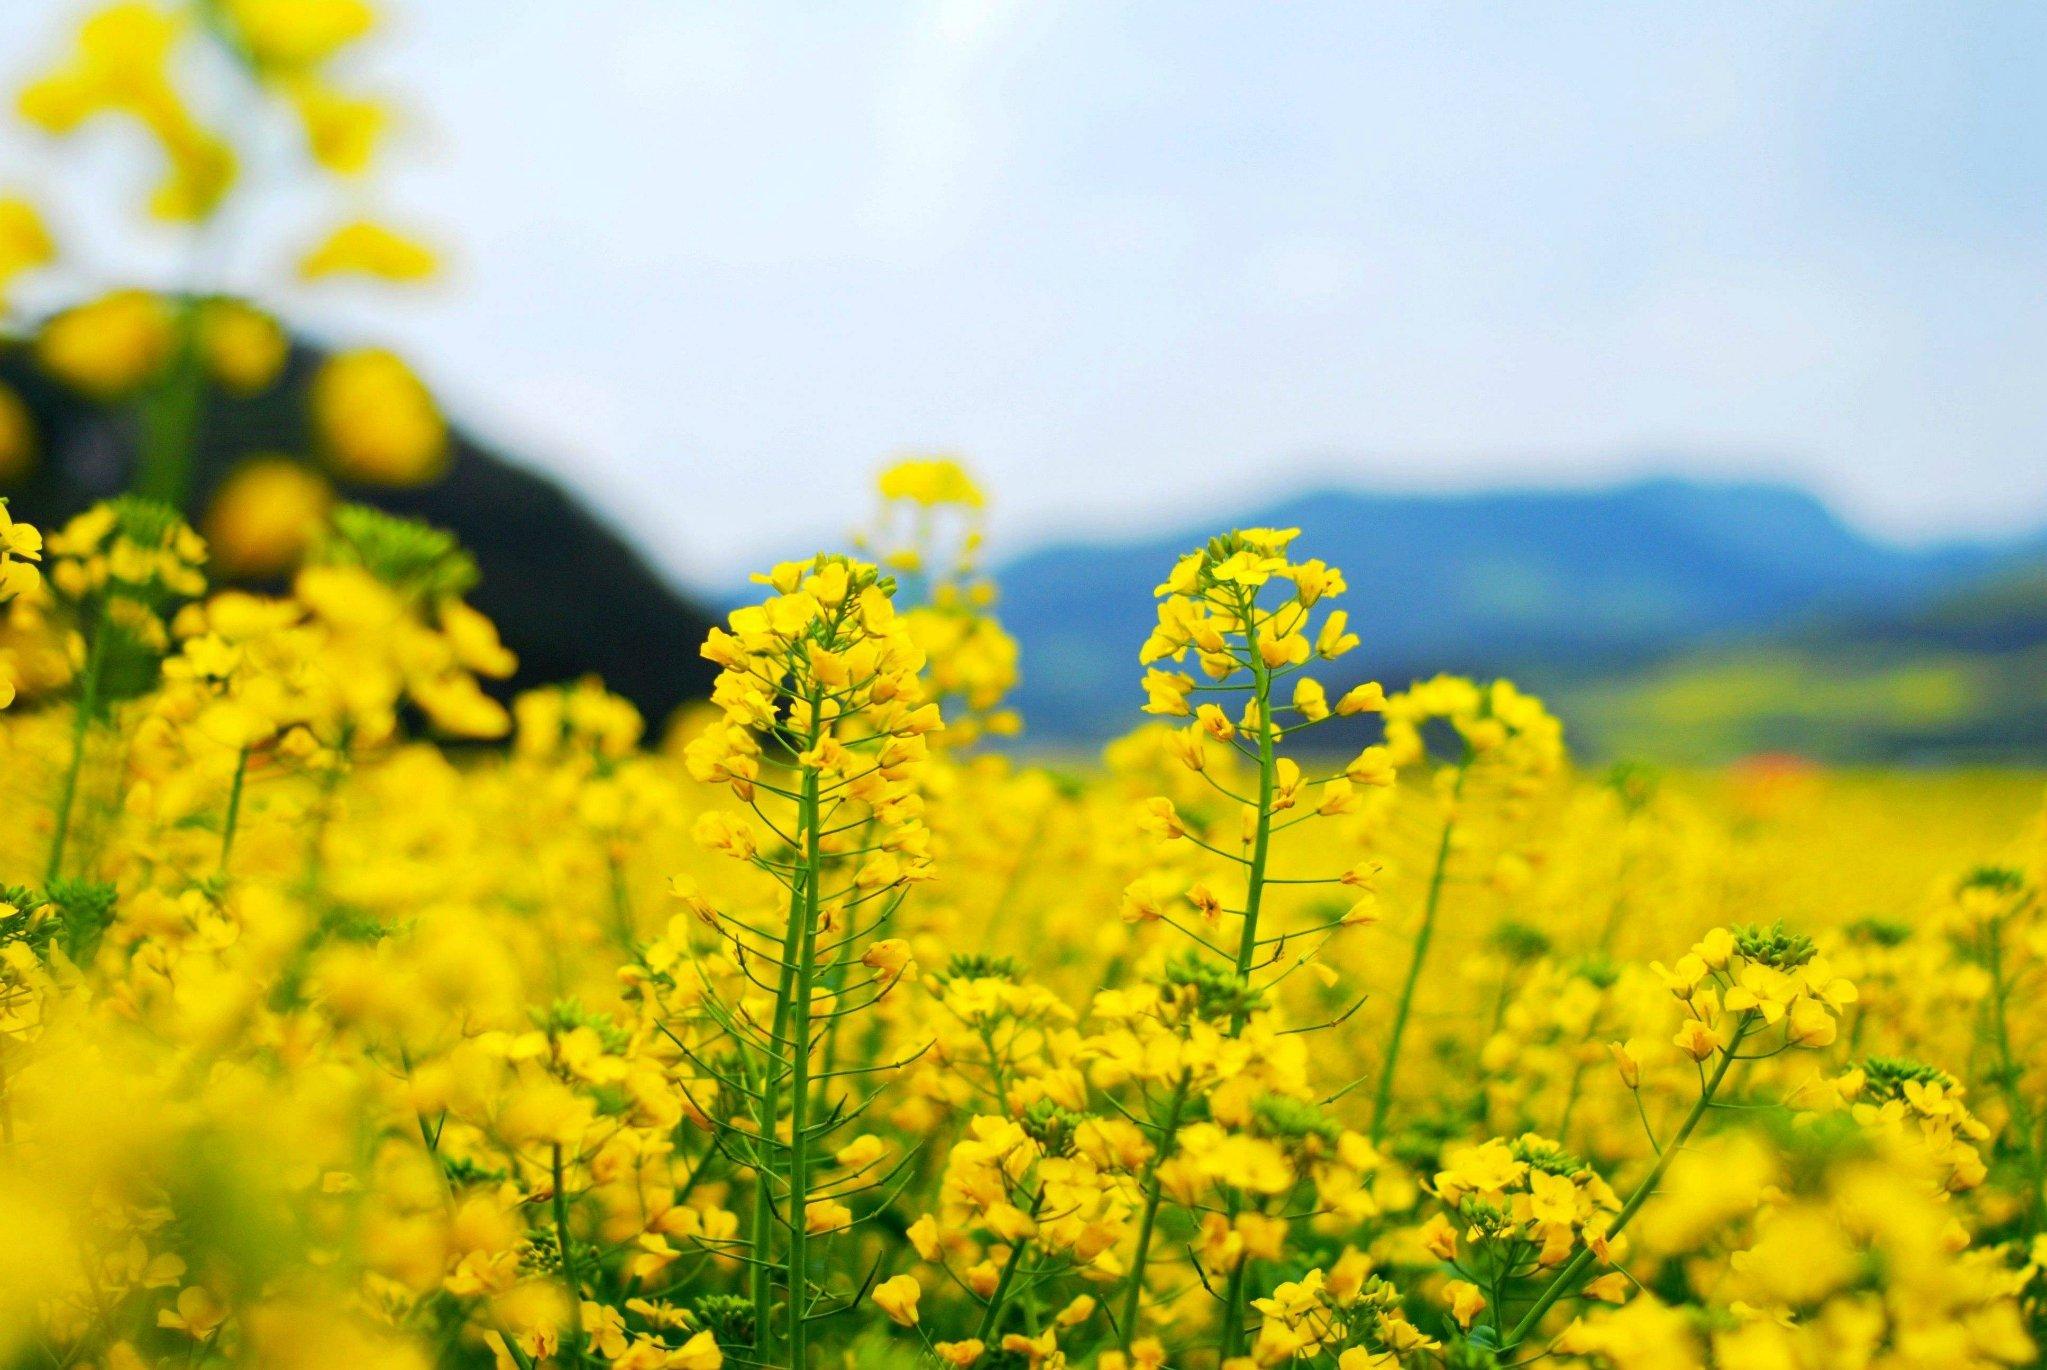 厌倦苍白寒冬?这里漫山金黄,遍地明亮!八十万亩油菜花田,静待君赏!